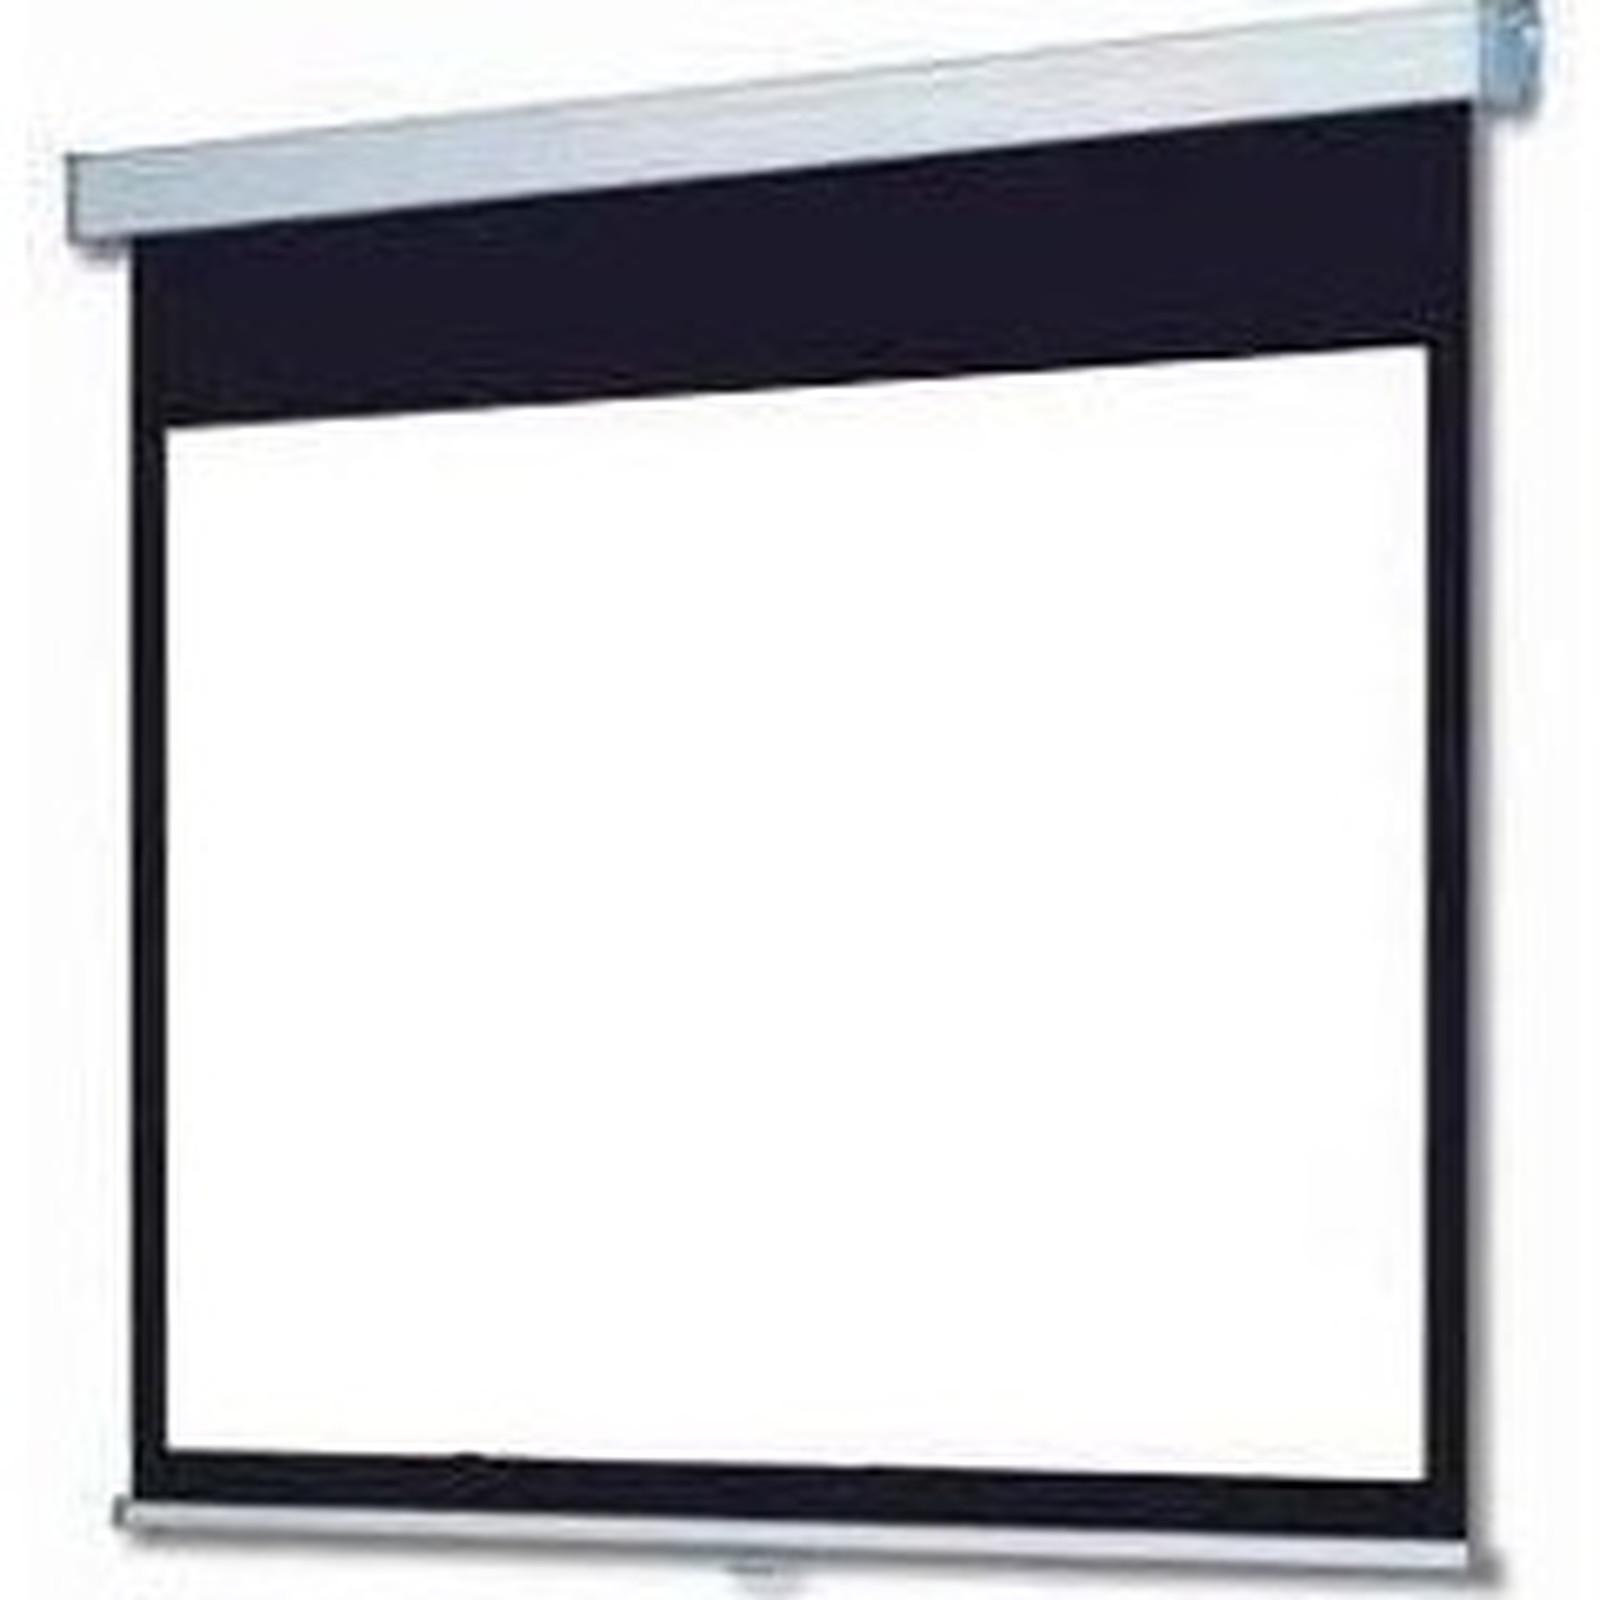 LDLC Ecran manuel - Format 1:1 - 200 x 200 cm